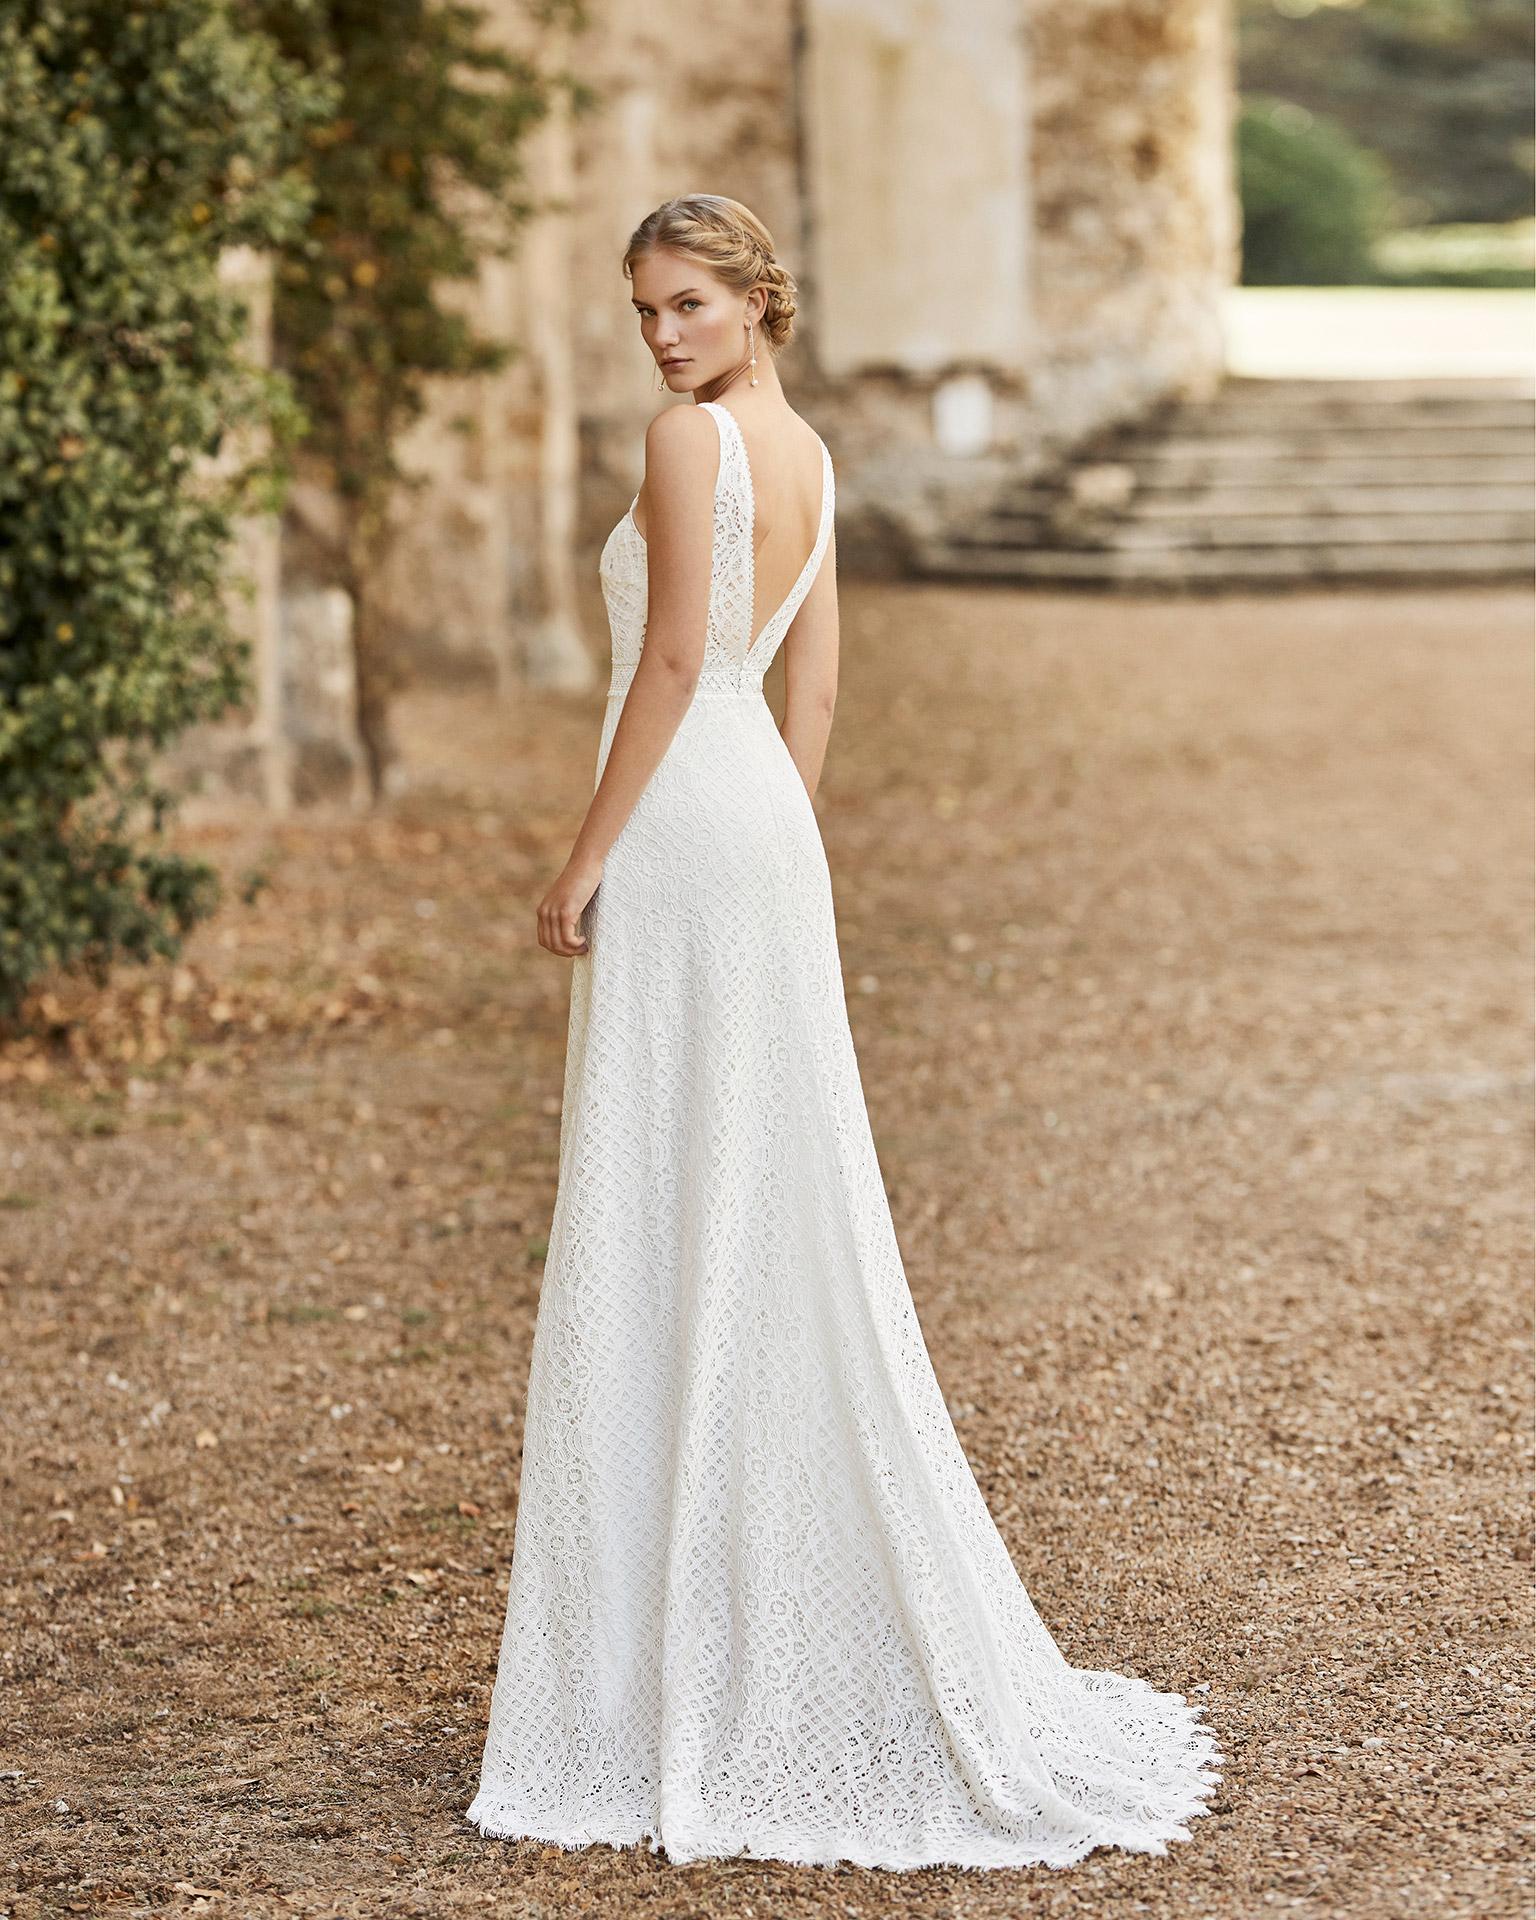 Vestido de novia de encaje. Escote y espalda en V, cinturón de encaje y pedrería y tirantes. Colección ALMANOVIA 2021.